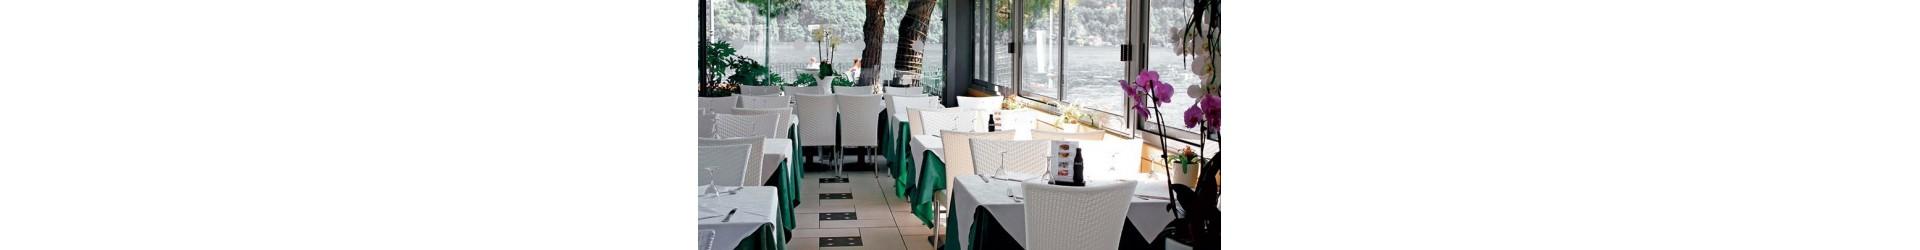 Faire votre plus impressionnants et les plus attrayantes avec notre bar de ligne de meubles